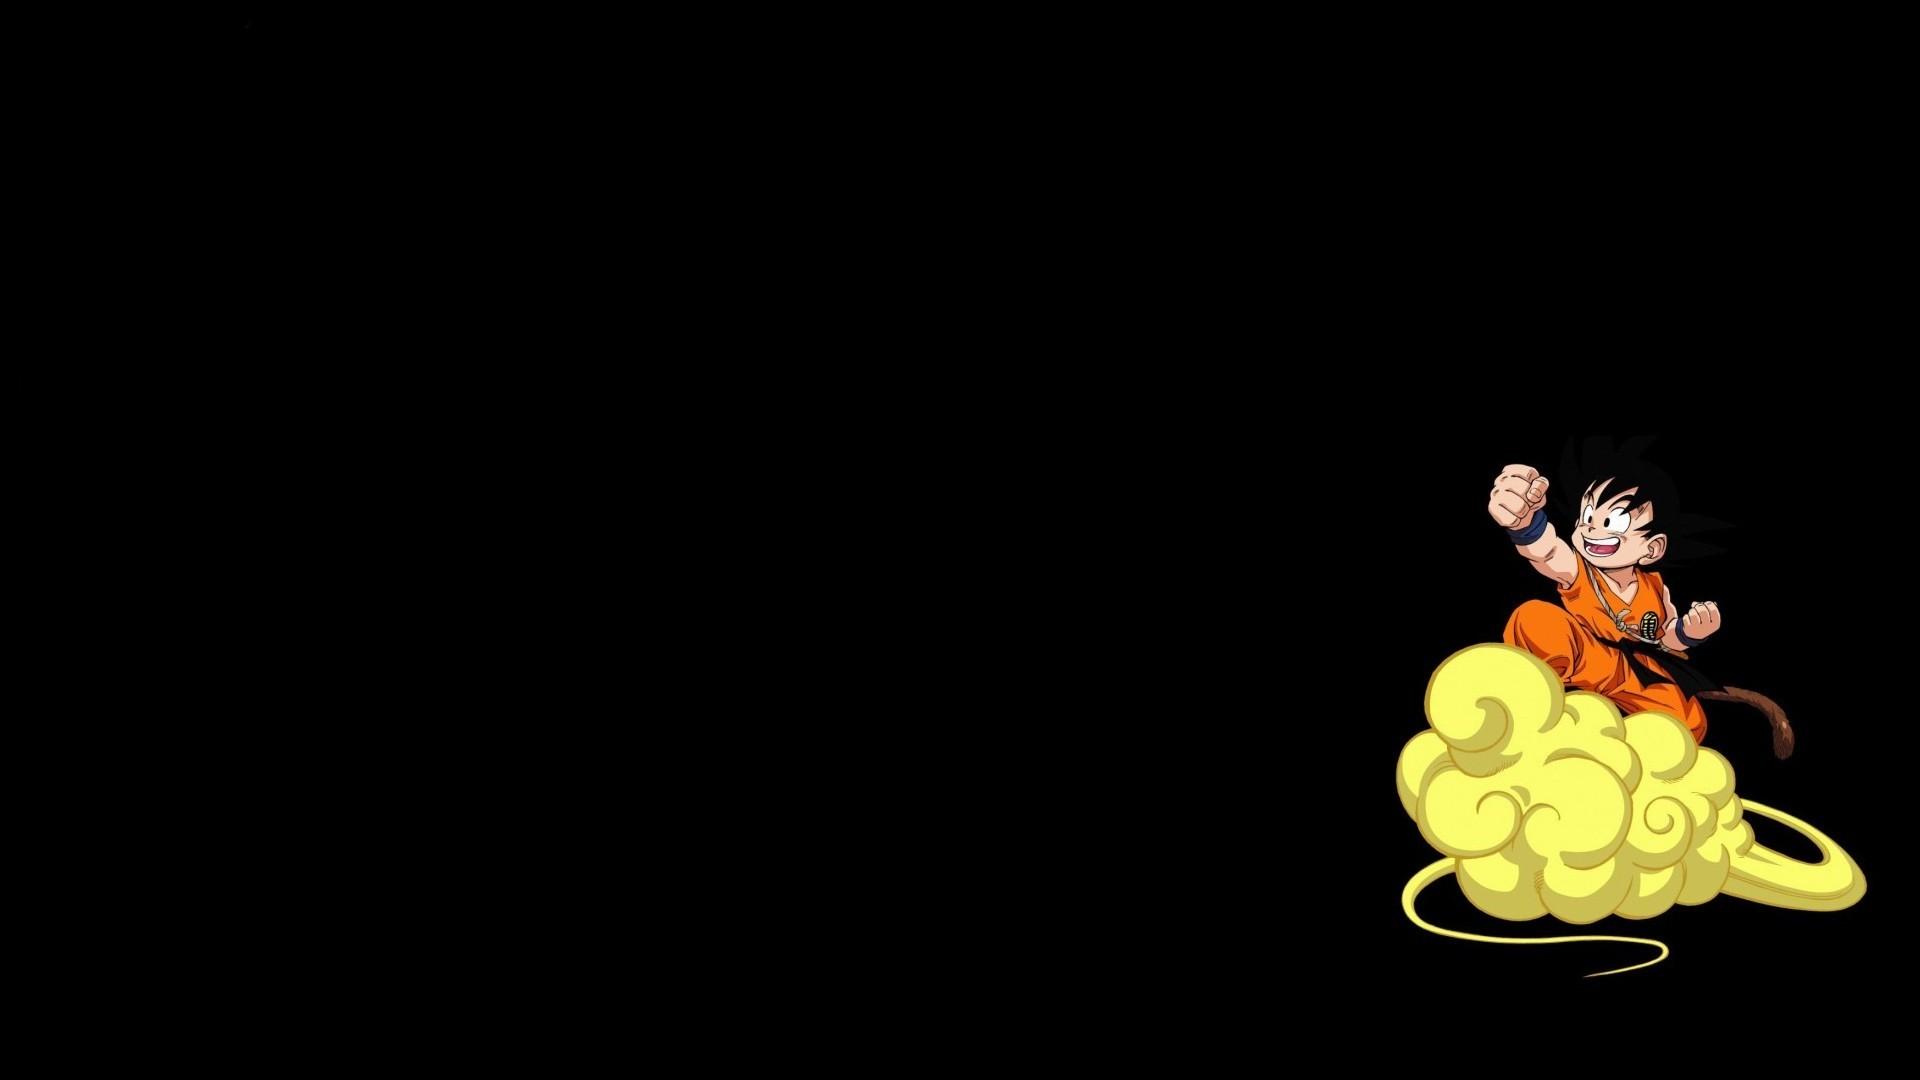 Wallpaper Anime Boys Minimalism Insect Dragon Ball Son Goku